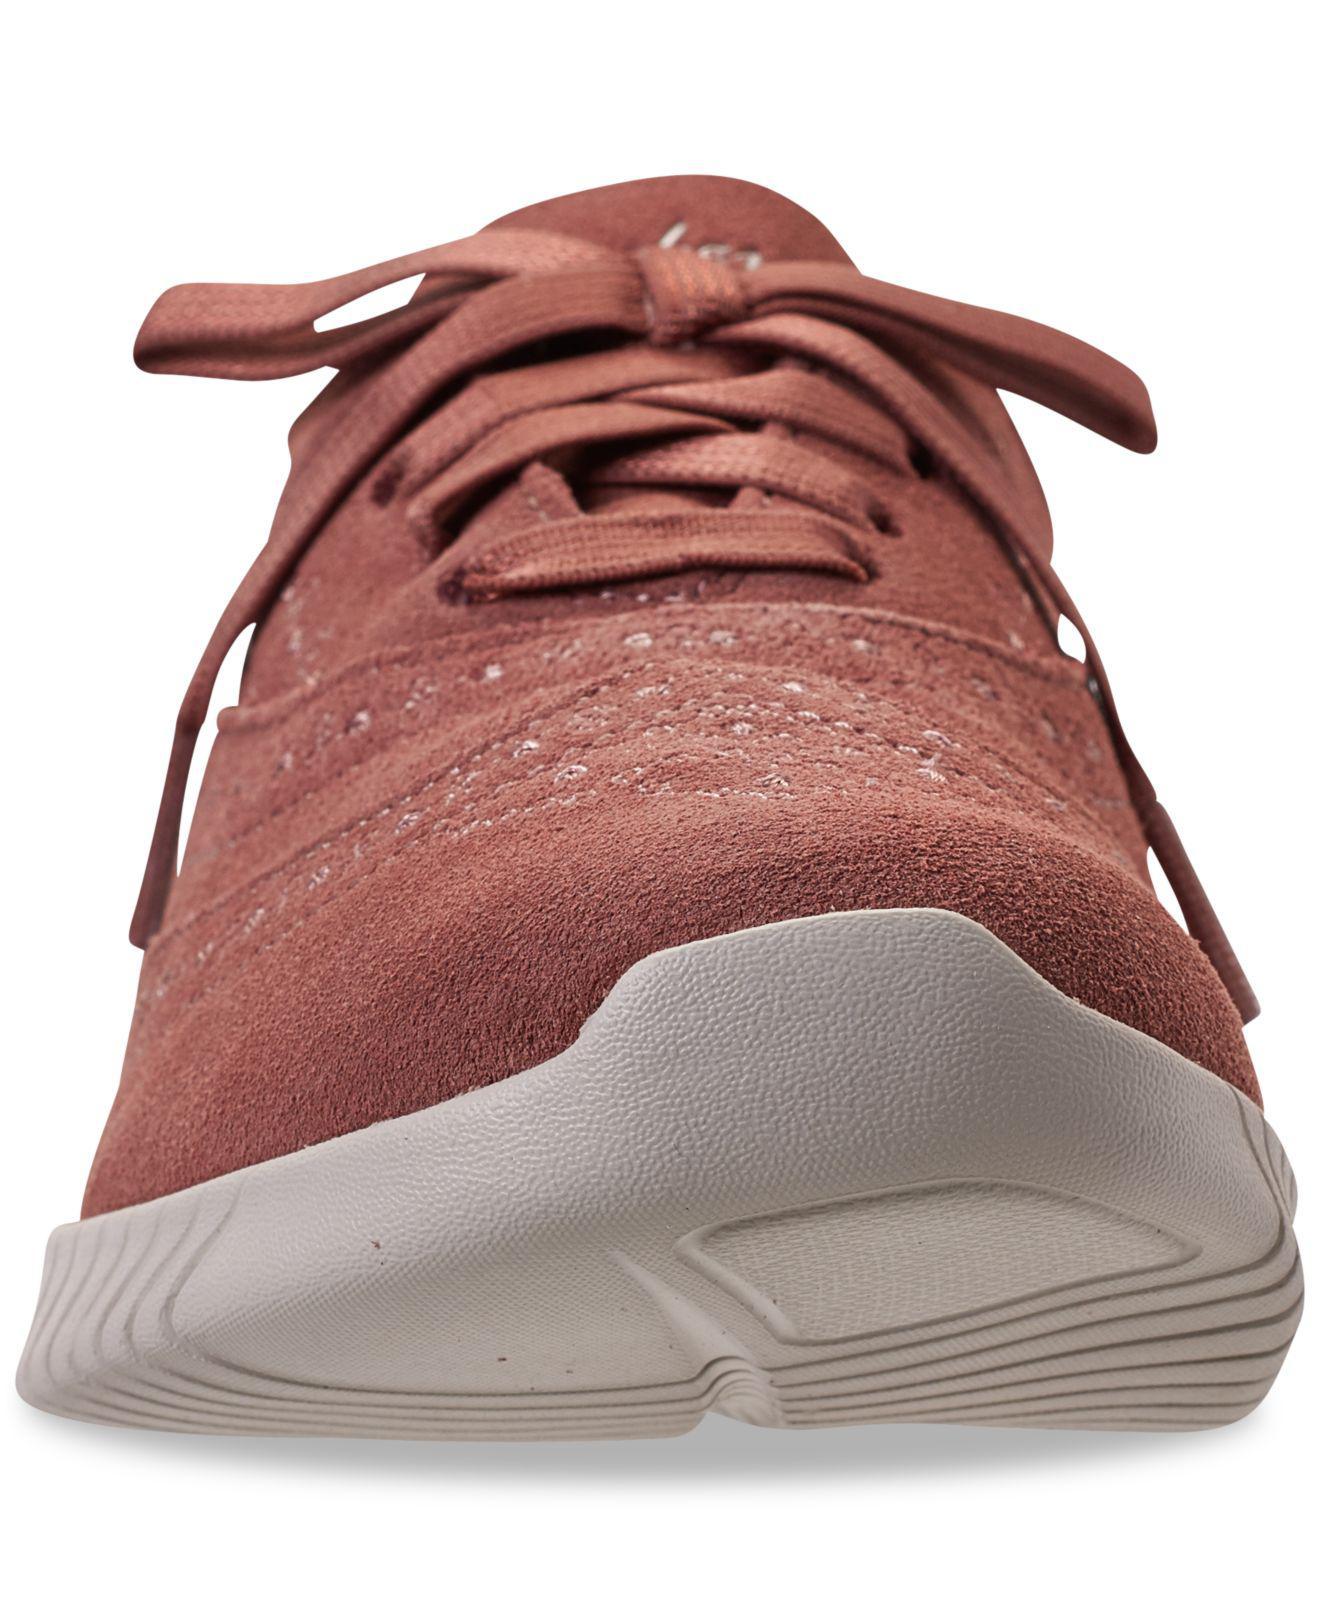 smart n sassy athletic walking sneakers